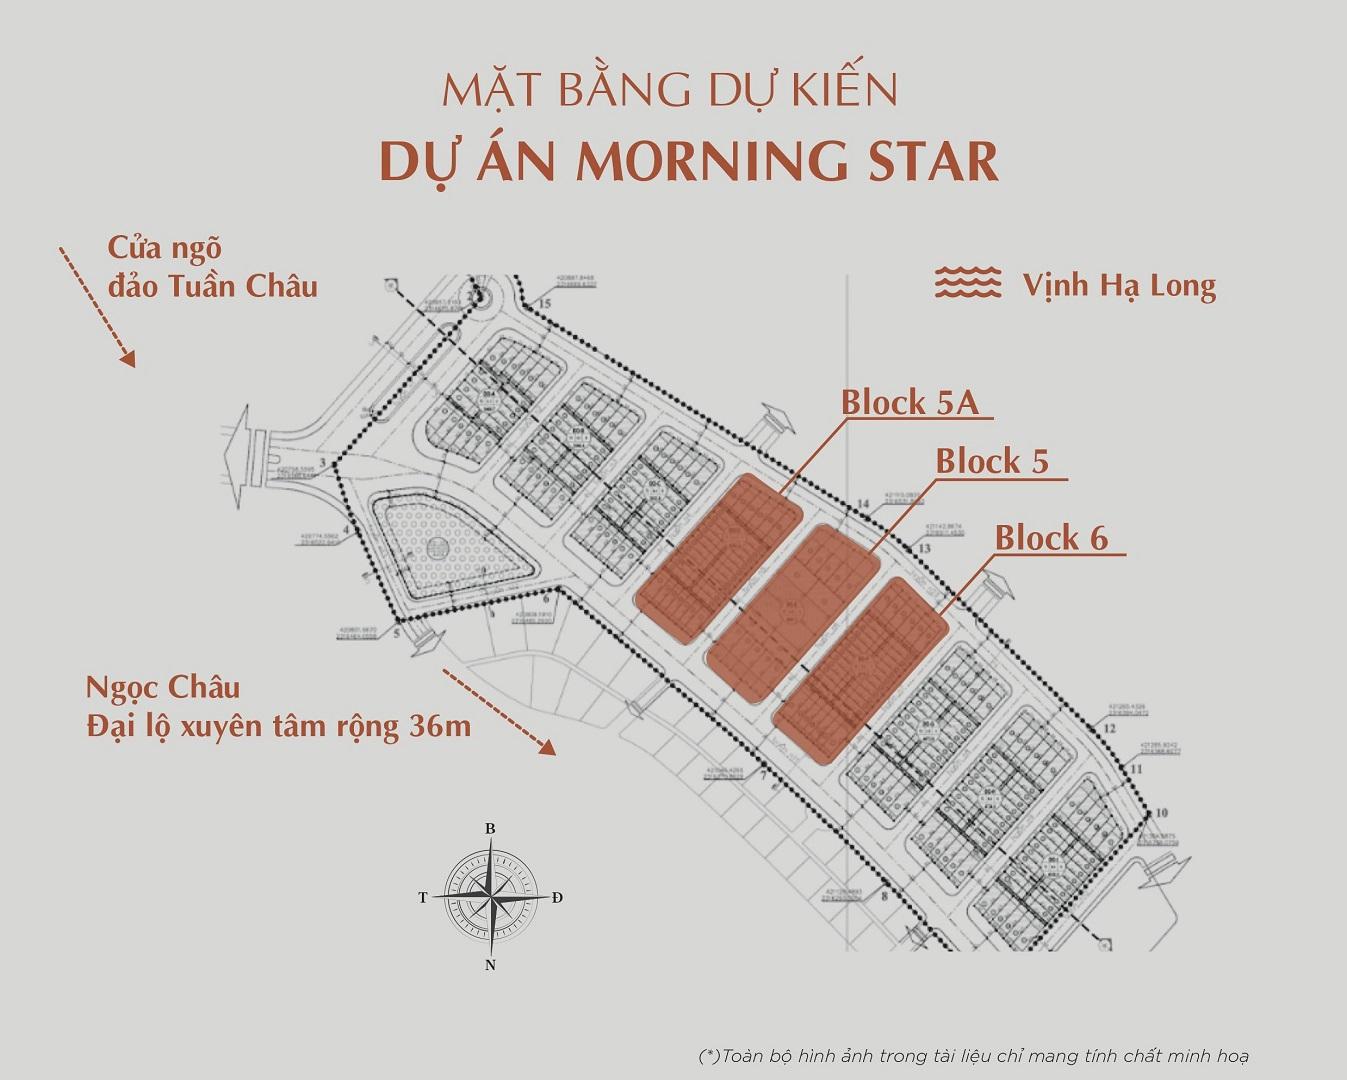 mặt bằng dự án morning star hoàng long tuần châu